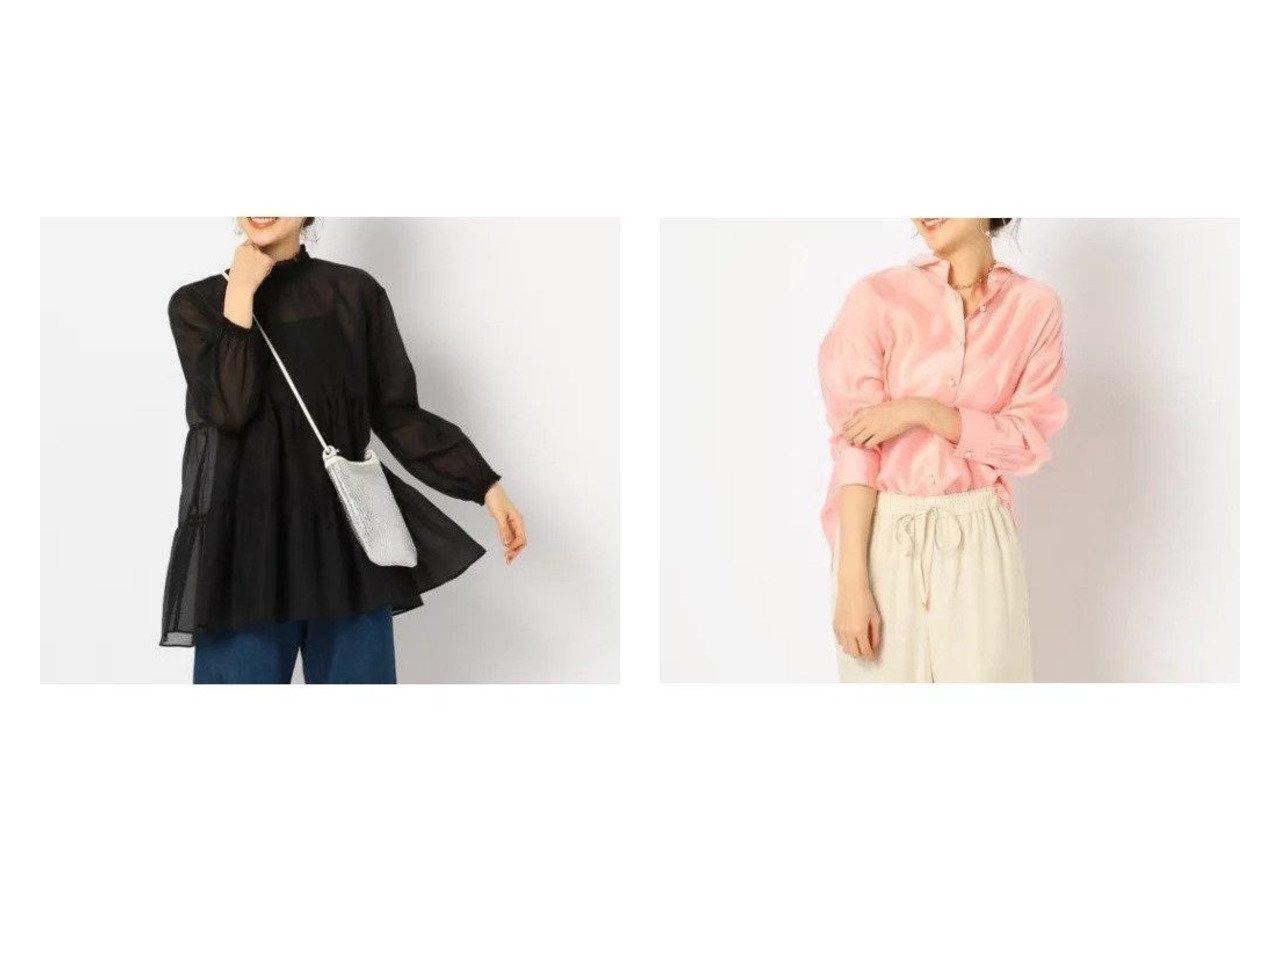 【NOLLEY'S/ノーリーズ】のカールマイヤーティアードブラウス&シアースラブパール釦2wayシャツ トップス・カットソーのおすすめ!人気、トレンド・レディースファッションの通販 おすすめで人気の流行・トレンド、ファッションの通販商品 メンズファッション・キッズファッション・インテリア・家具・レディースファッション・服の通販 founy(ファニー) https://founy.com/ ファッション Fashion レディースファッション WOMEN トップス Tops Tshirt シャツ/ブラウス Shirts Blouses ティアード トレンド フェミニン シアー デニム パール リネン ロング 春  ID:crp329100000009288